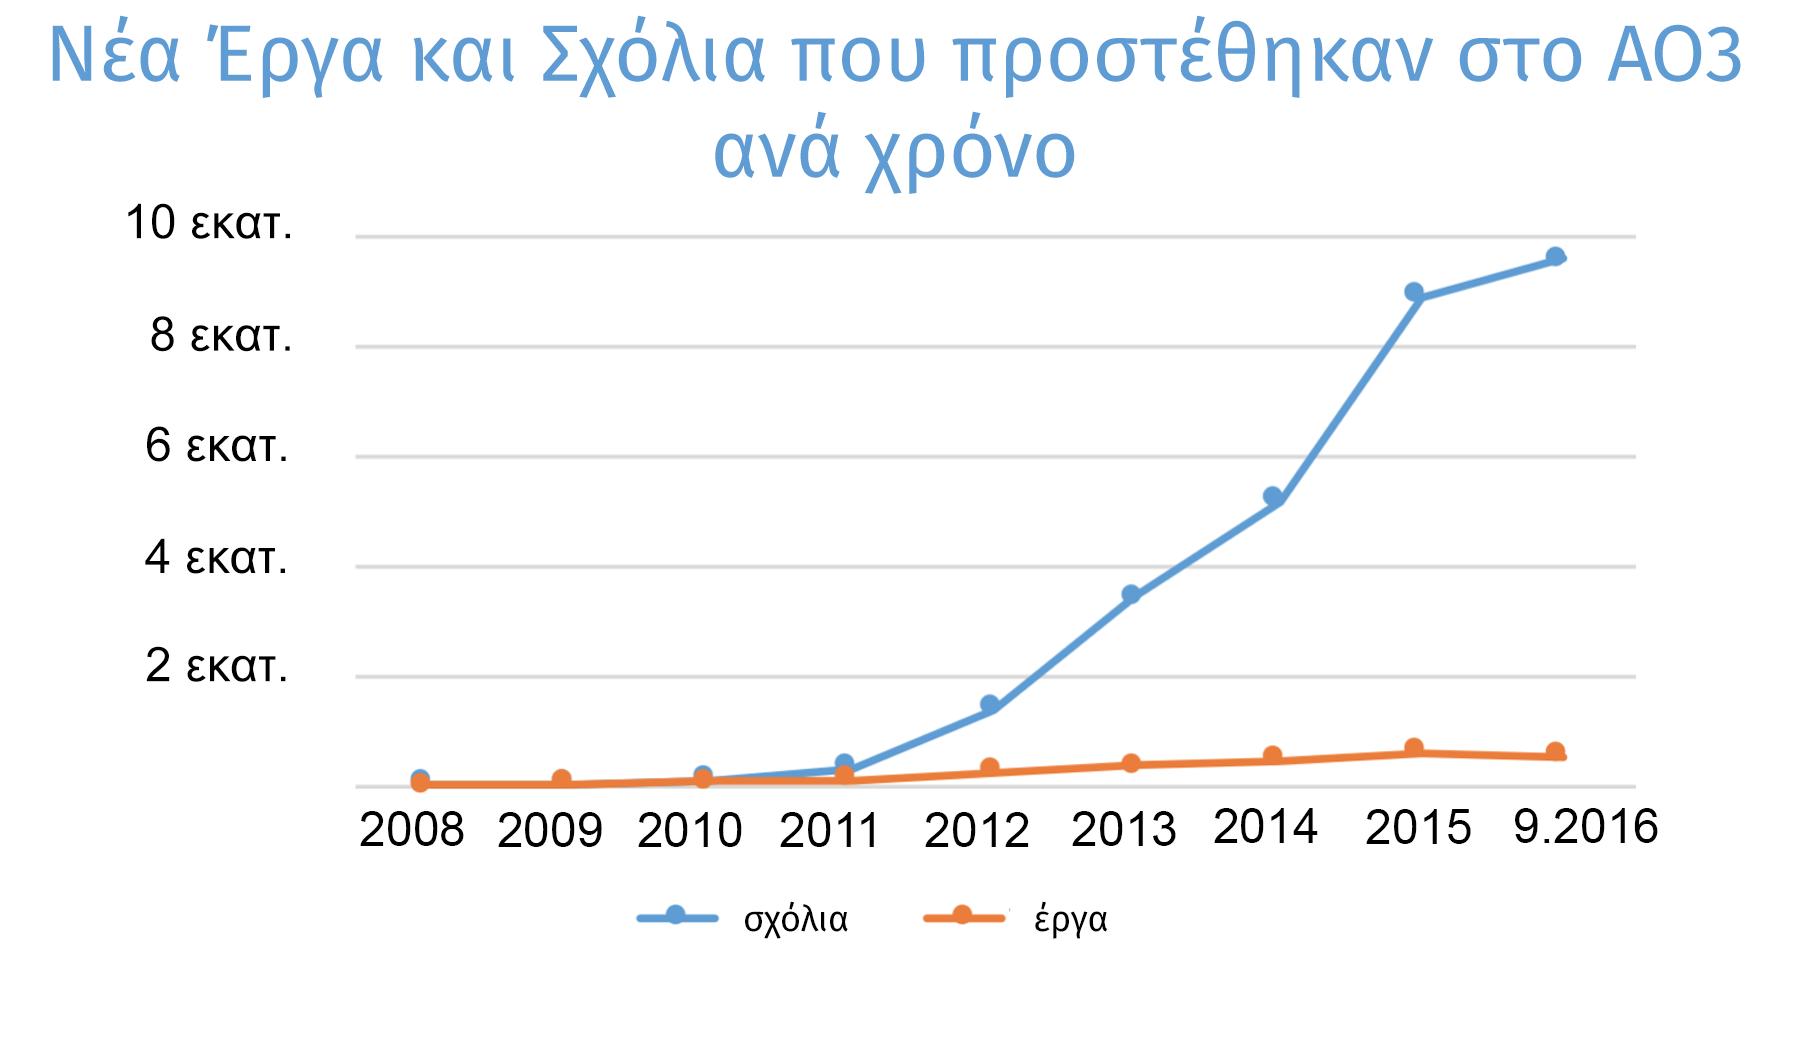 Γράφημα εξέλιξης των έργων και των σχολίων που δημιουργήθηκαν κάθε χρόνο στο ΑΟ3, από μηδέν το 2008 σε πάνω από 500.000 έργα και 9,5 εκατομμύρια σχόλια μόνο τη φετινή χρονιά.